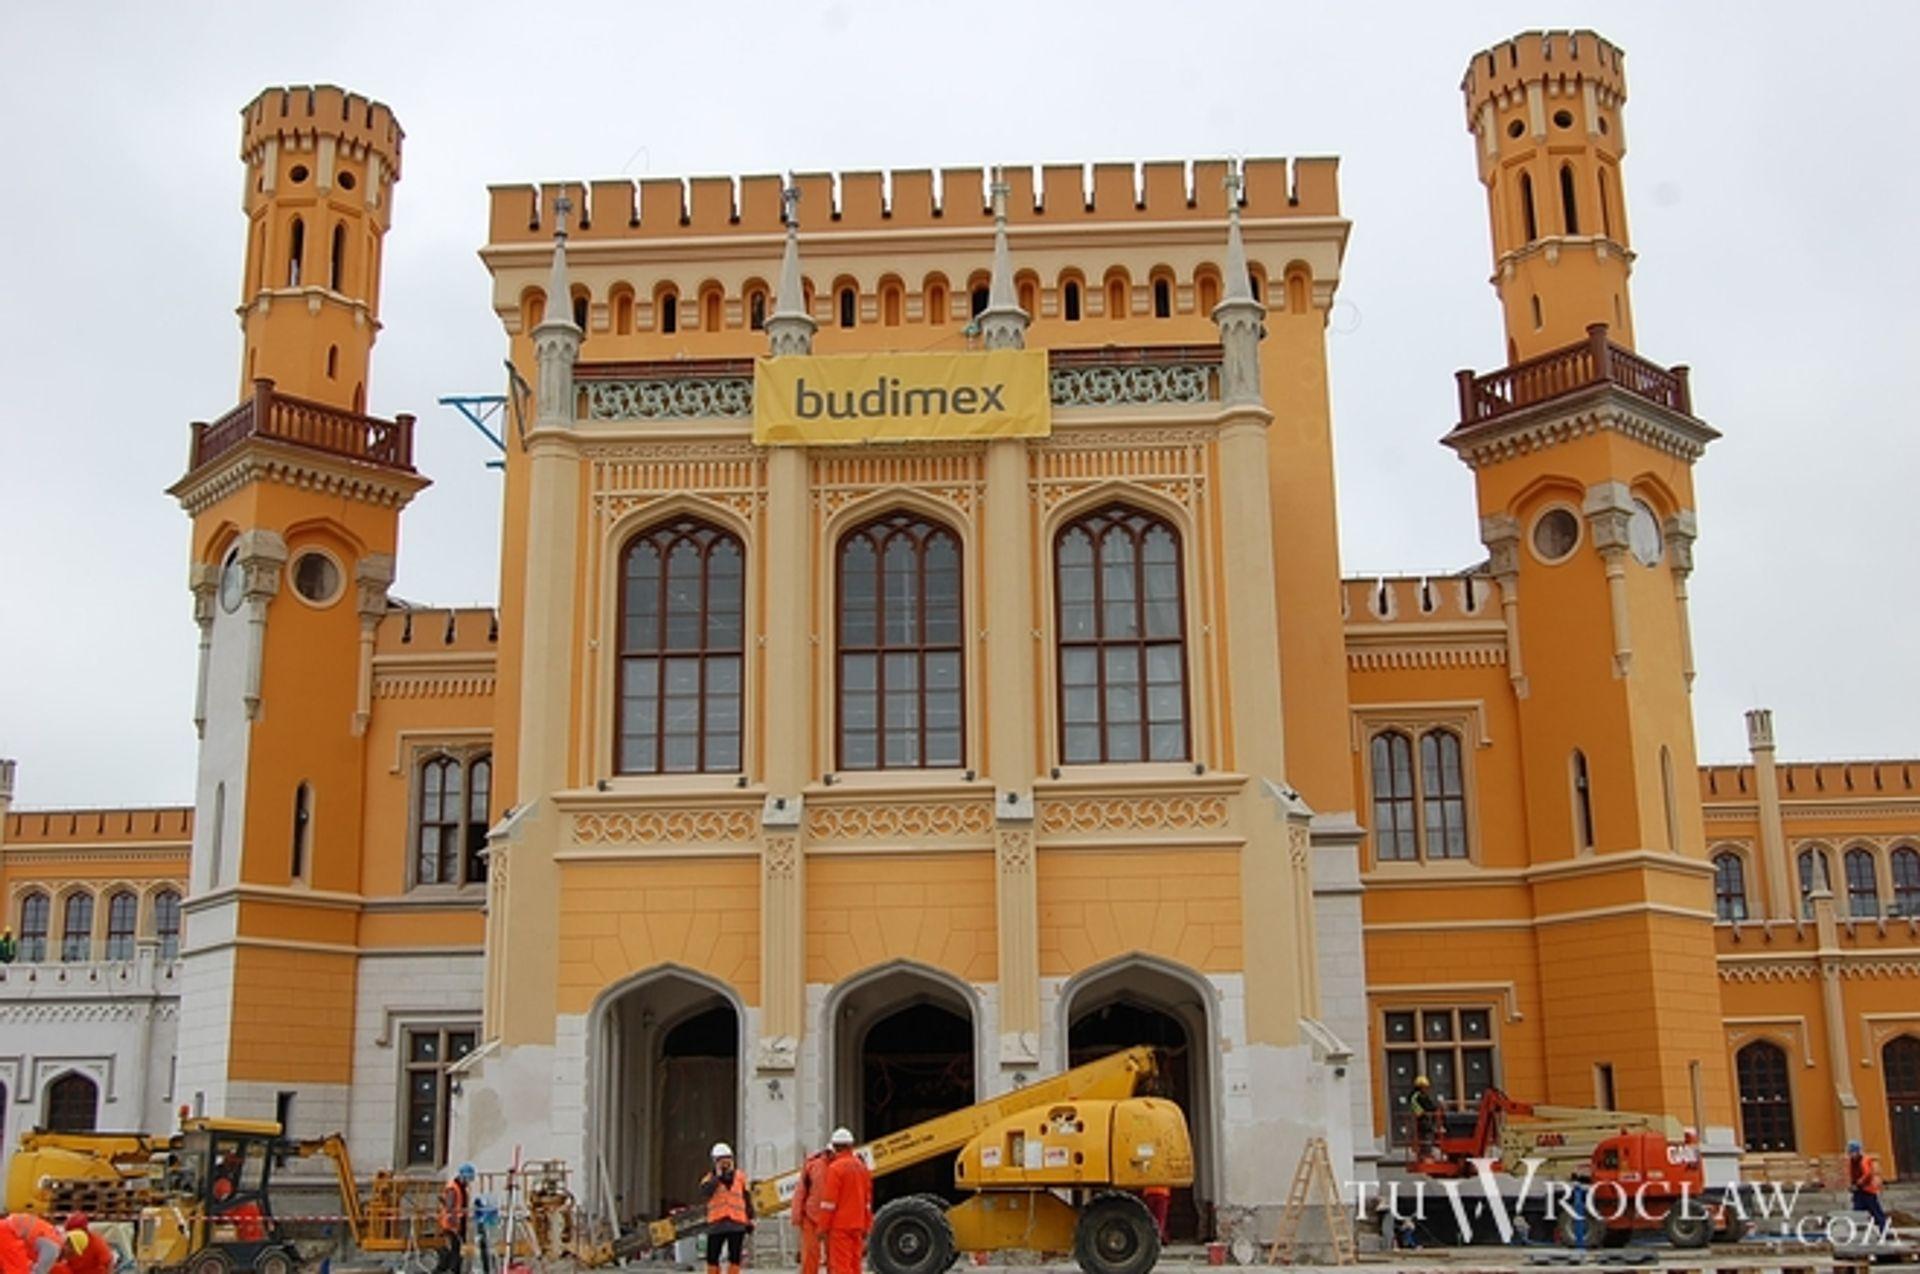 [Wrocław] Finisz modernizacji Dworca Głównego. Jak w ukropie uwija się 1300 budowlańców